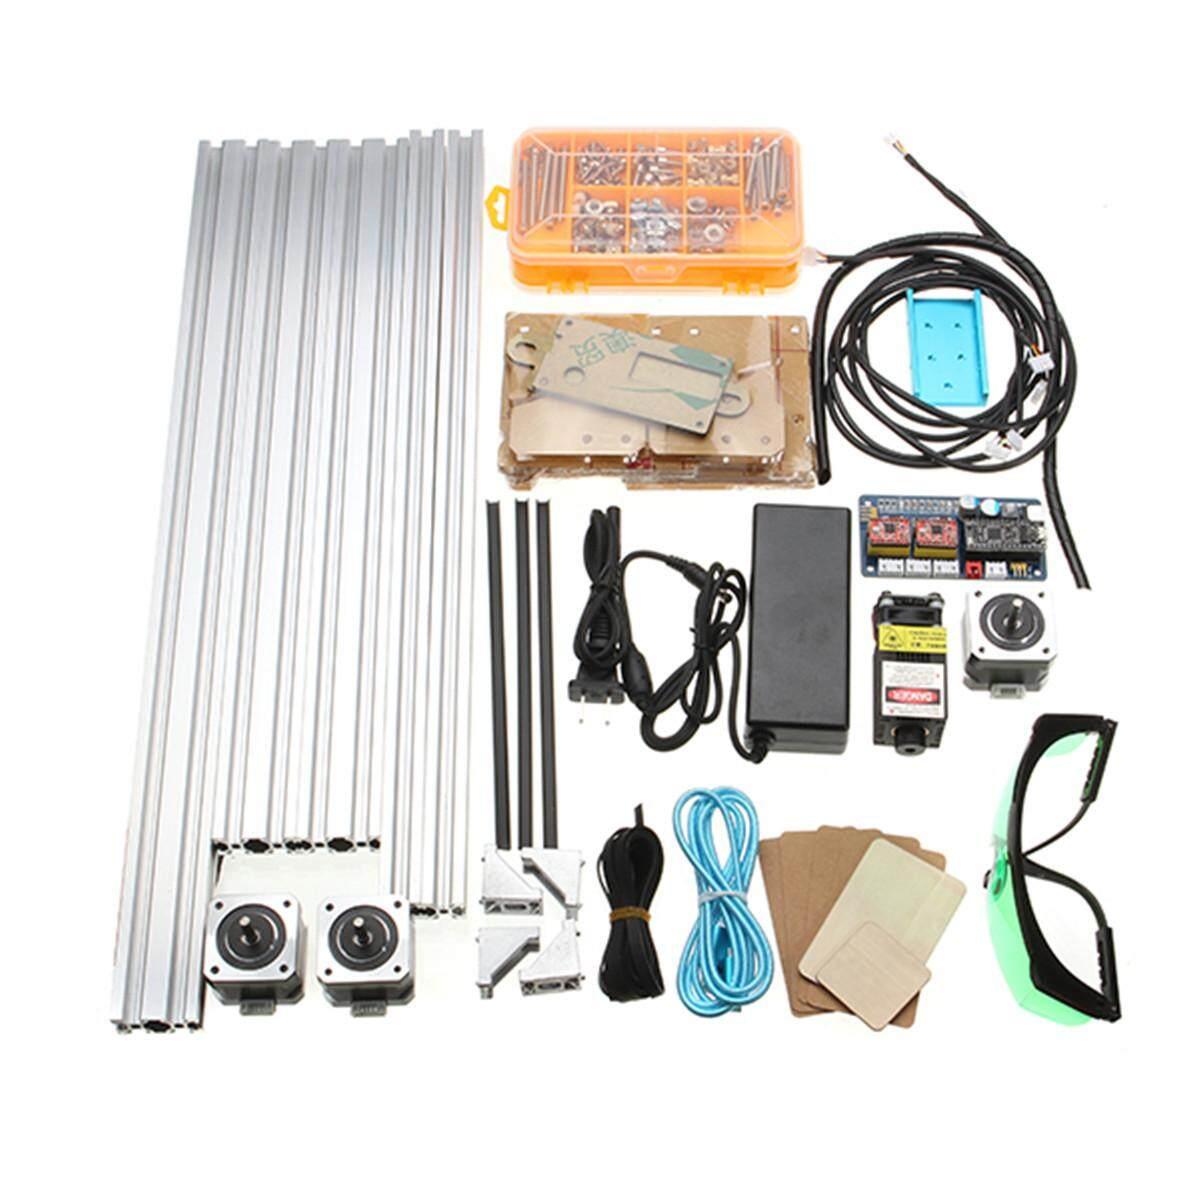 Beli murah EleksMaker EleksLaser-A3 Pro 2500mW Laser